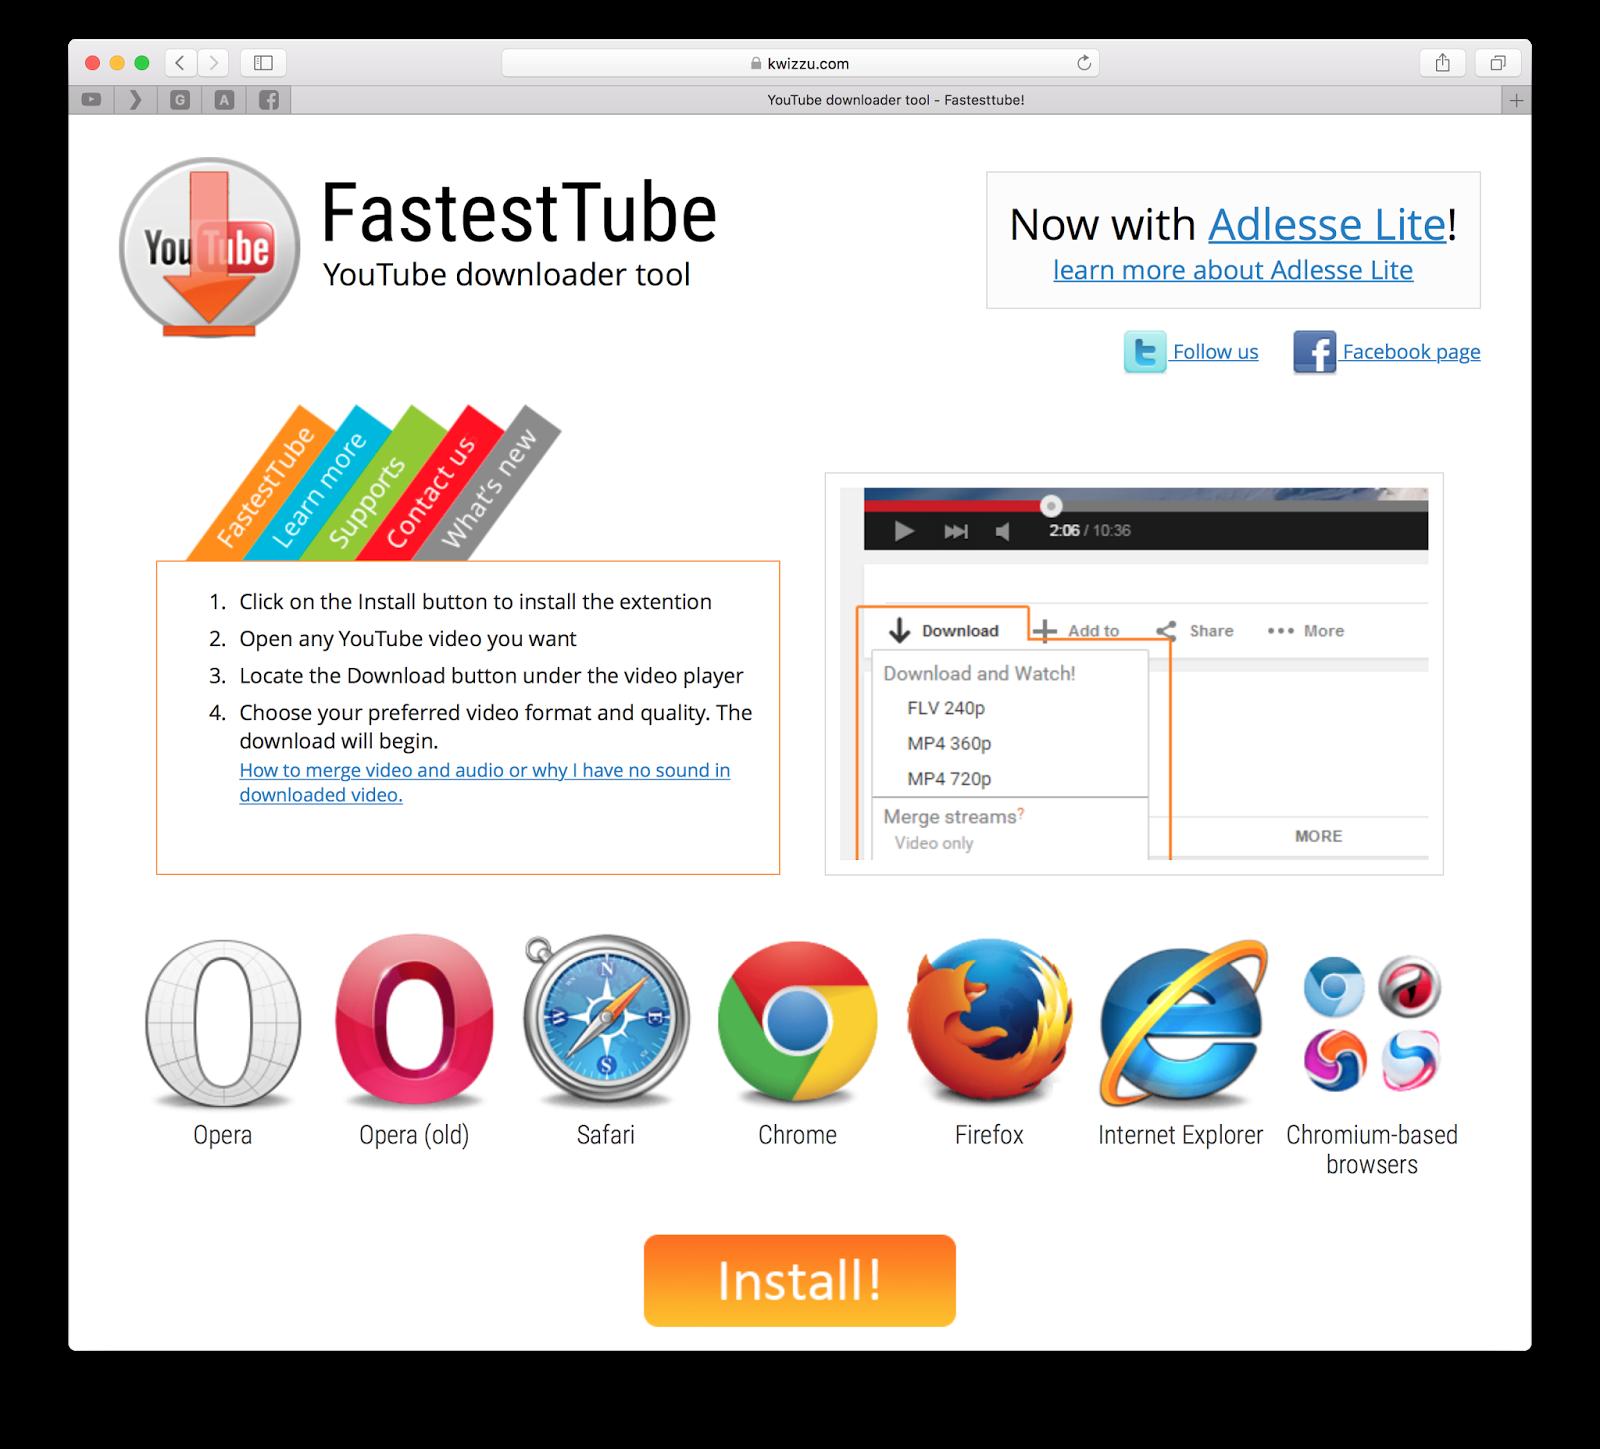 FastestTube 最方便的 YouTube 影片下載方法(瀏覽器套件) %25E8%259E%25A2%25E5%25B9%2595%25E5%25BF%25AB%25E7%2585%25A7%2B2016-08-02%2B13.30.01